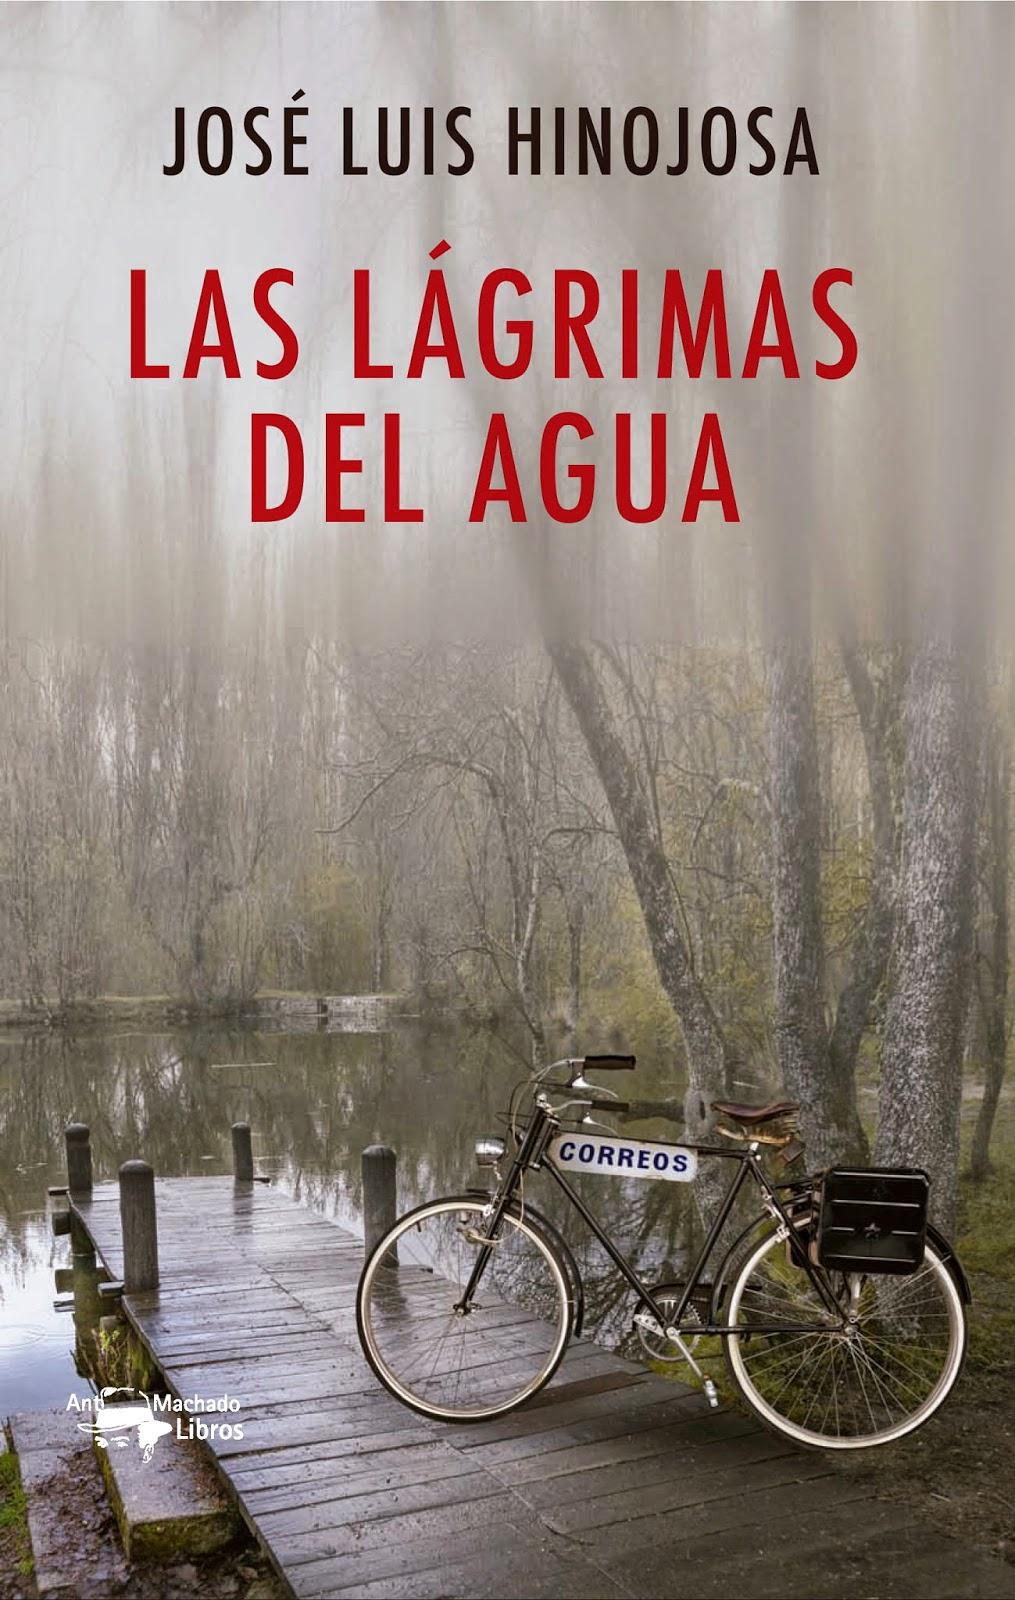 -Las lágrimas del agua- de Jose Luis Hinojosa